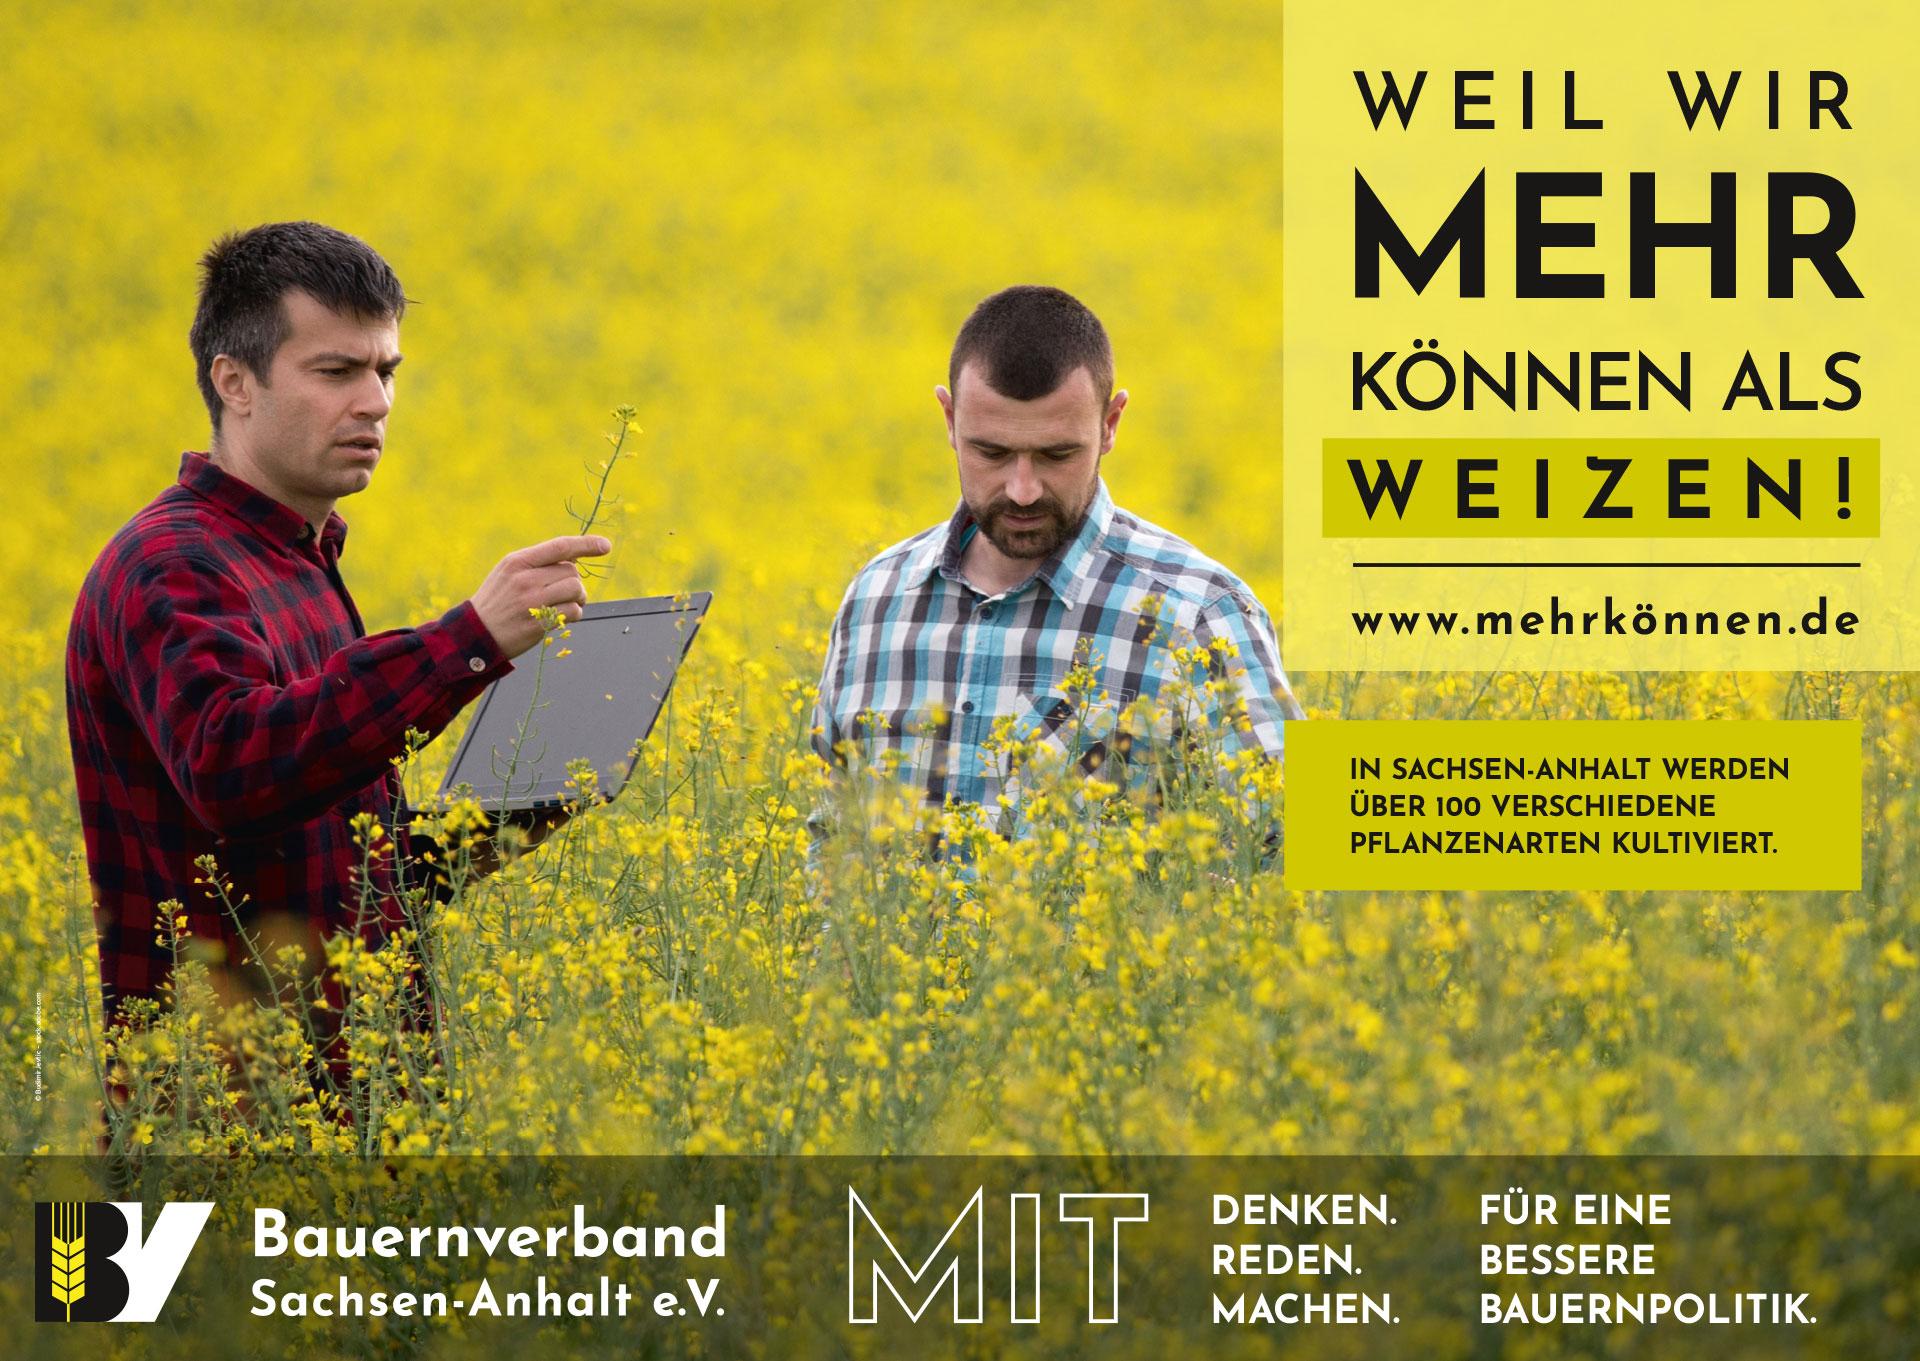 Plakatmotiv: Weil wir mehr können als Weizen!